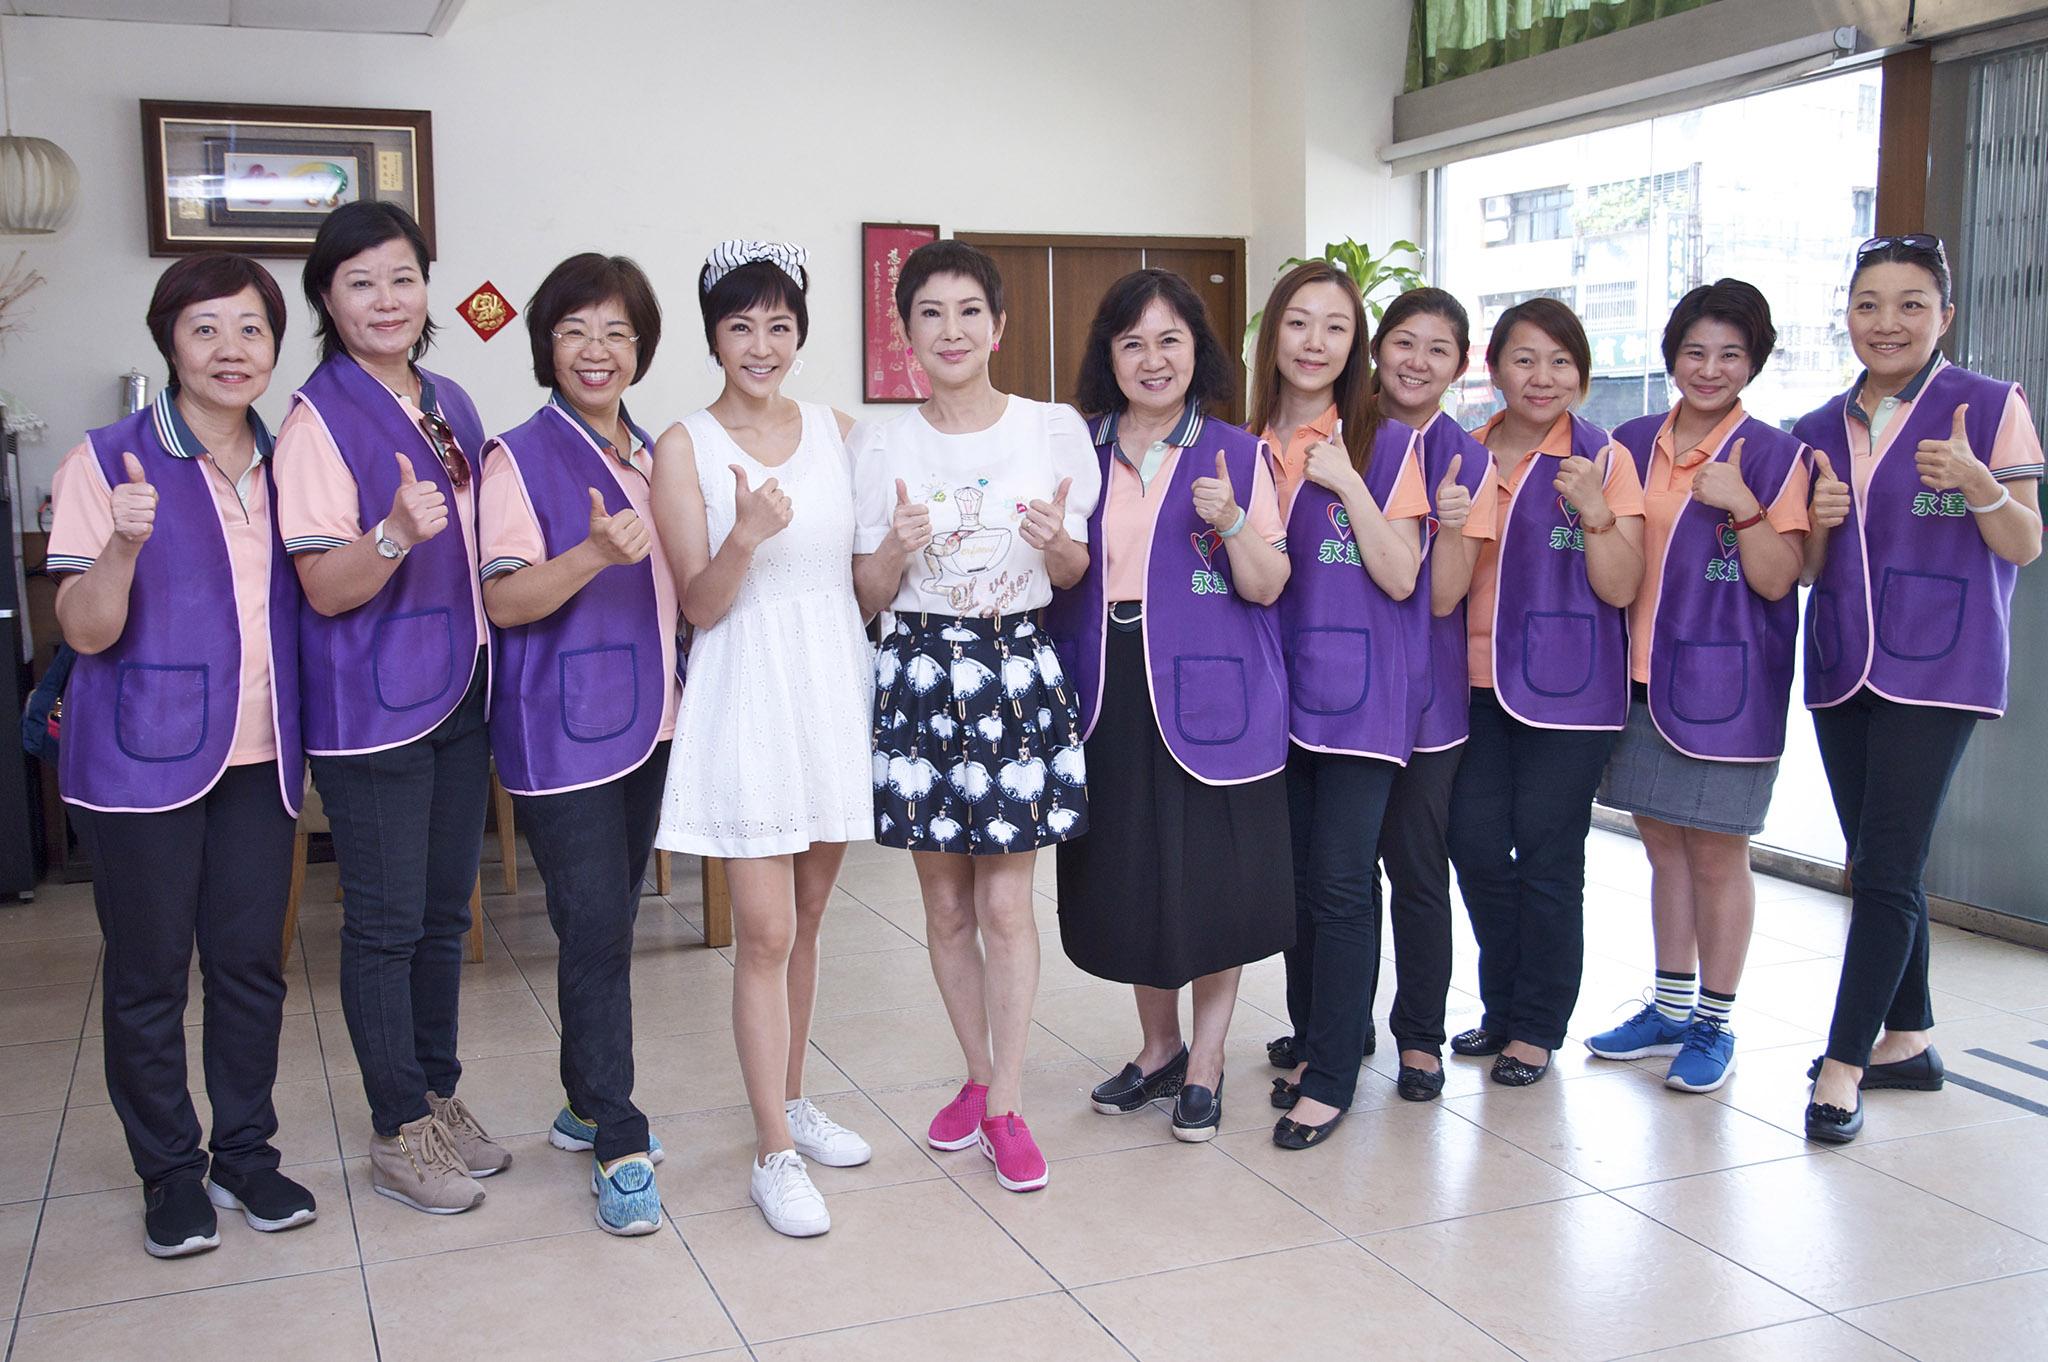 蔡瑩惠業務籌備副總(右6)帶領志工。